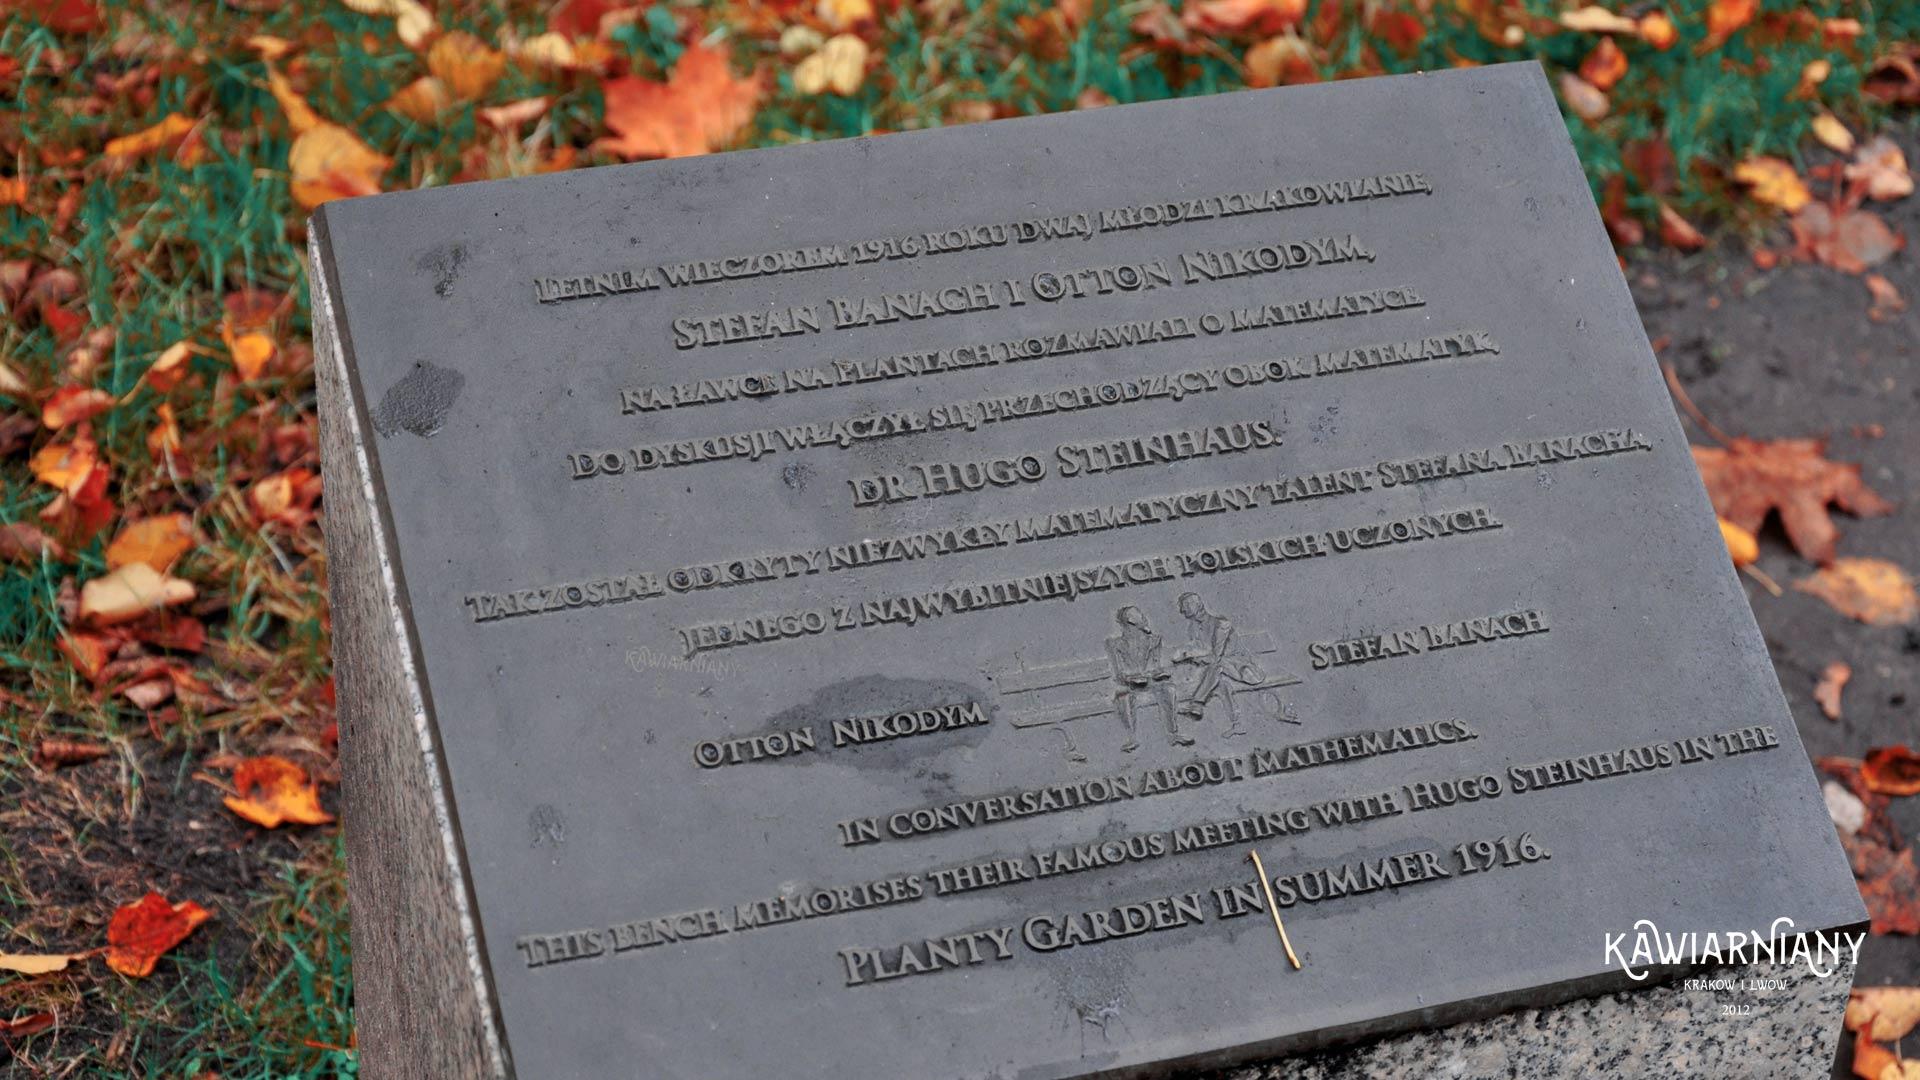 Ławka Stefana Banacha w Krakowie